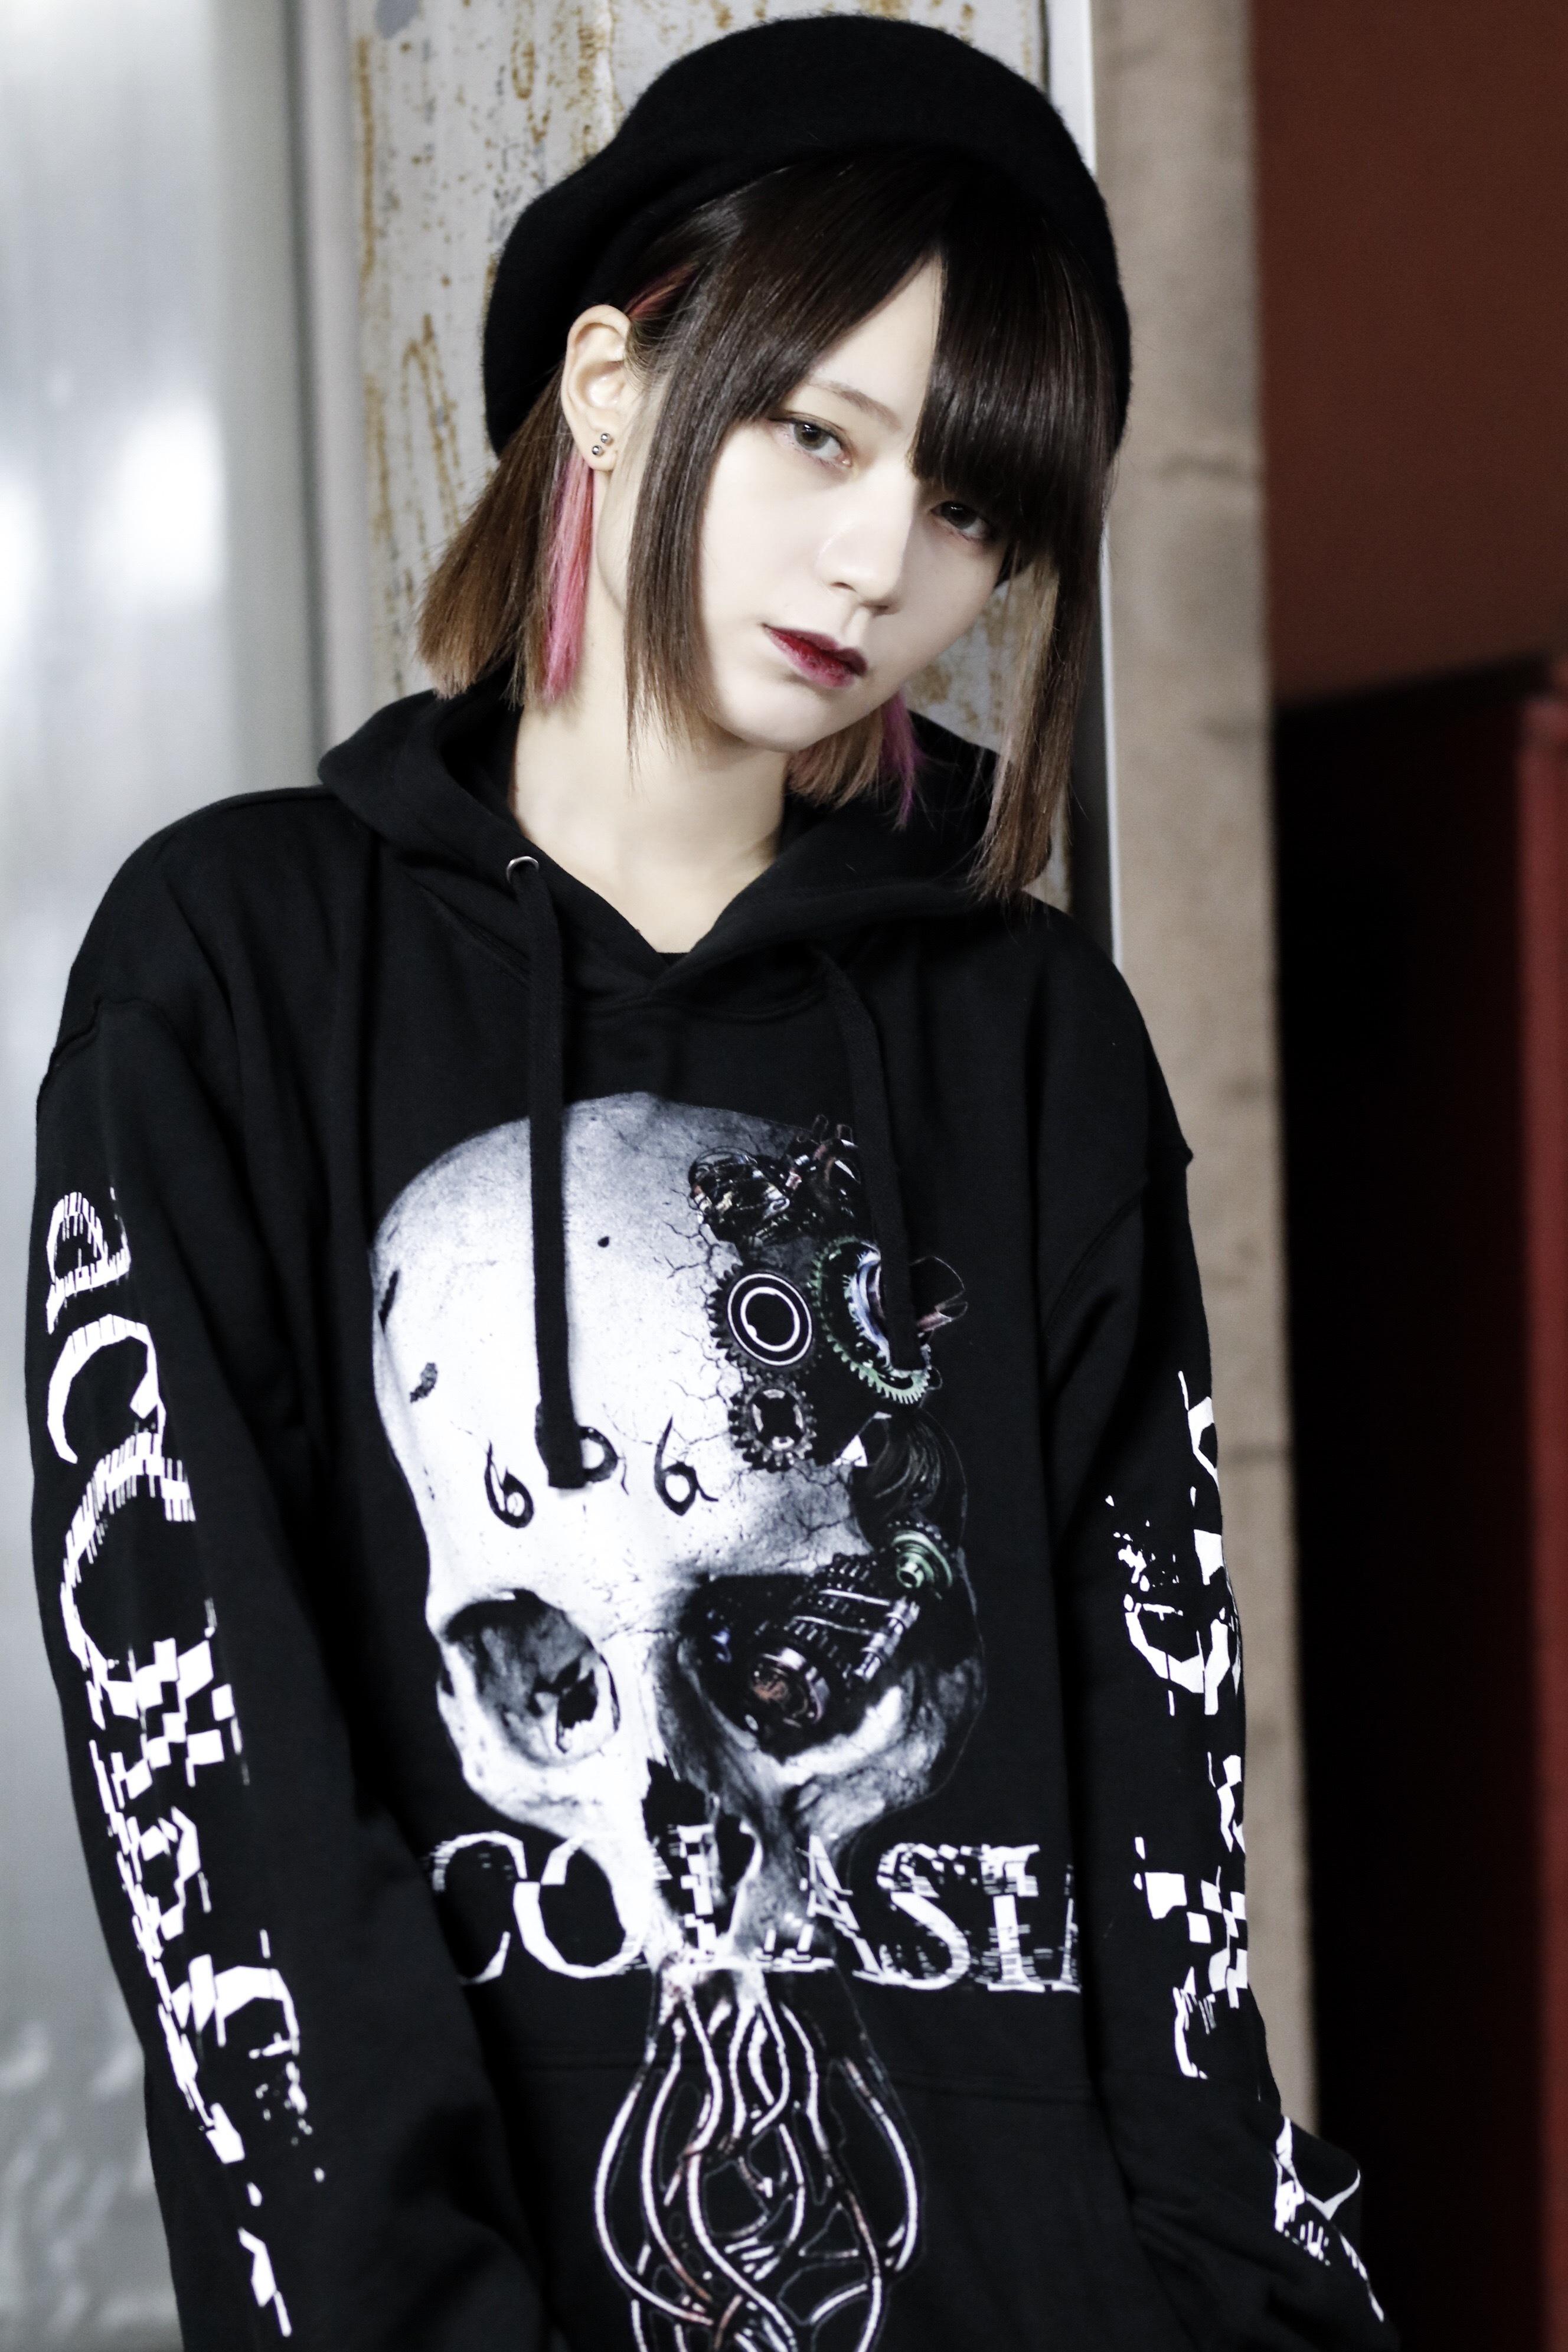 SkullbOrg